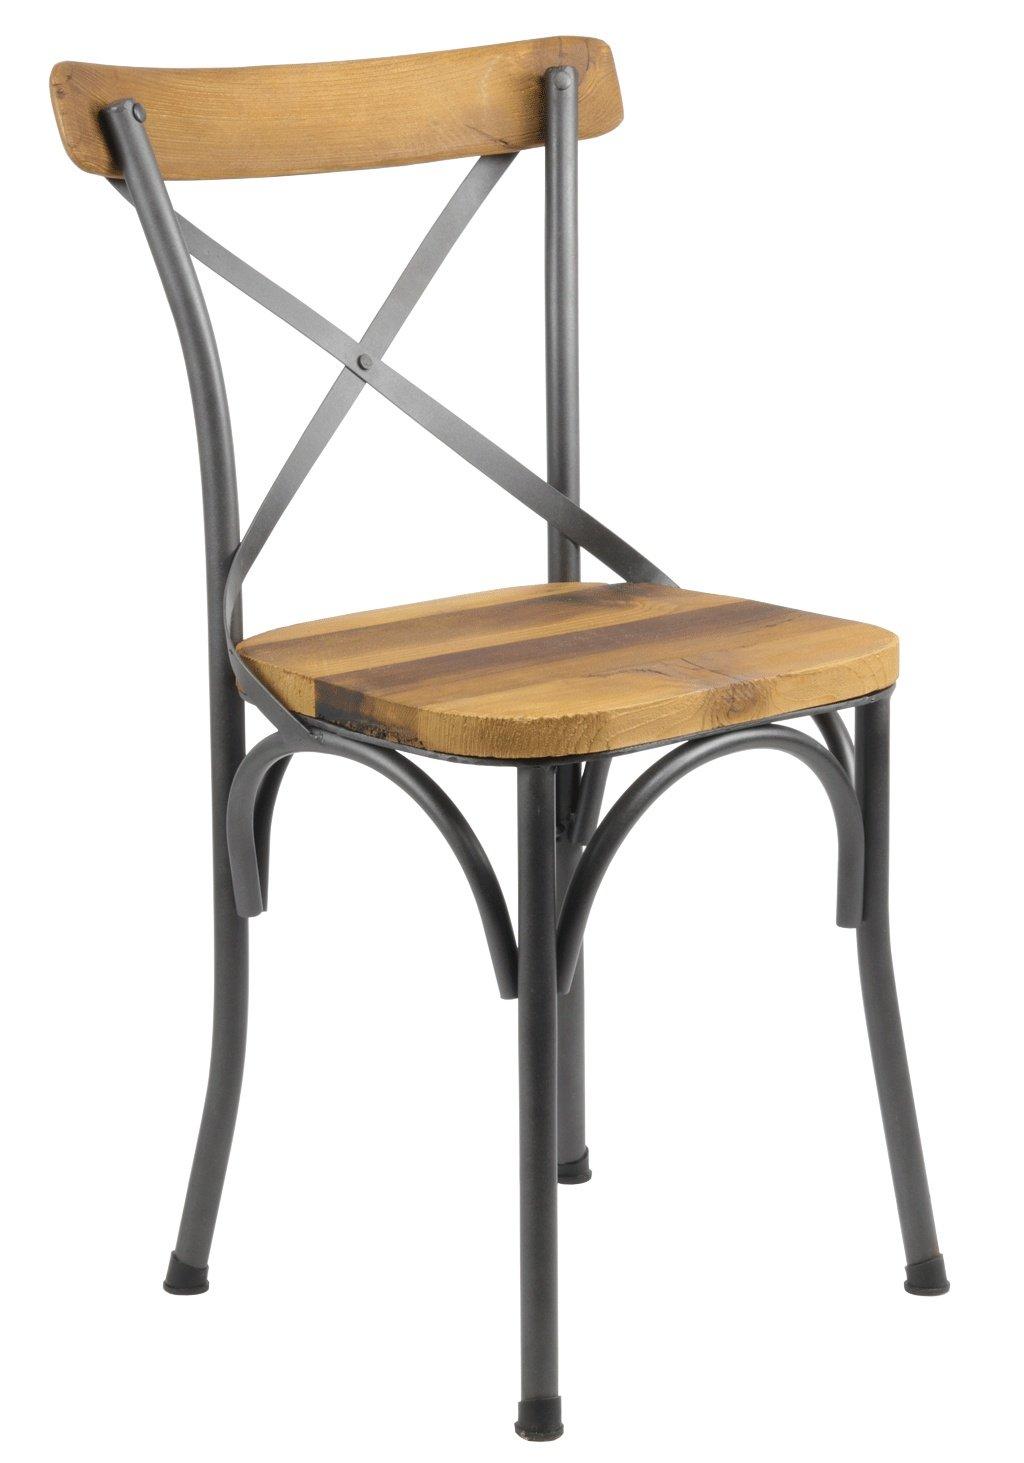 Chaise Bois Et Metal Industriel chaise bistrot industrielle bois et métal tradition